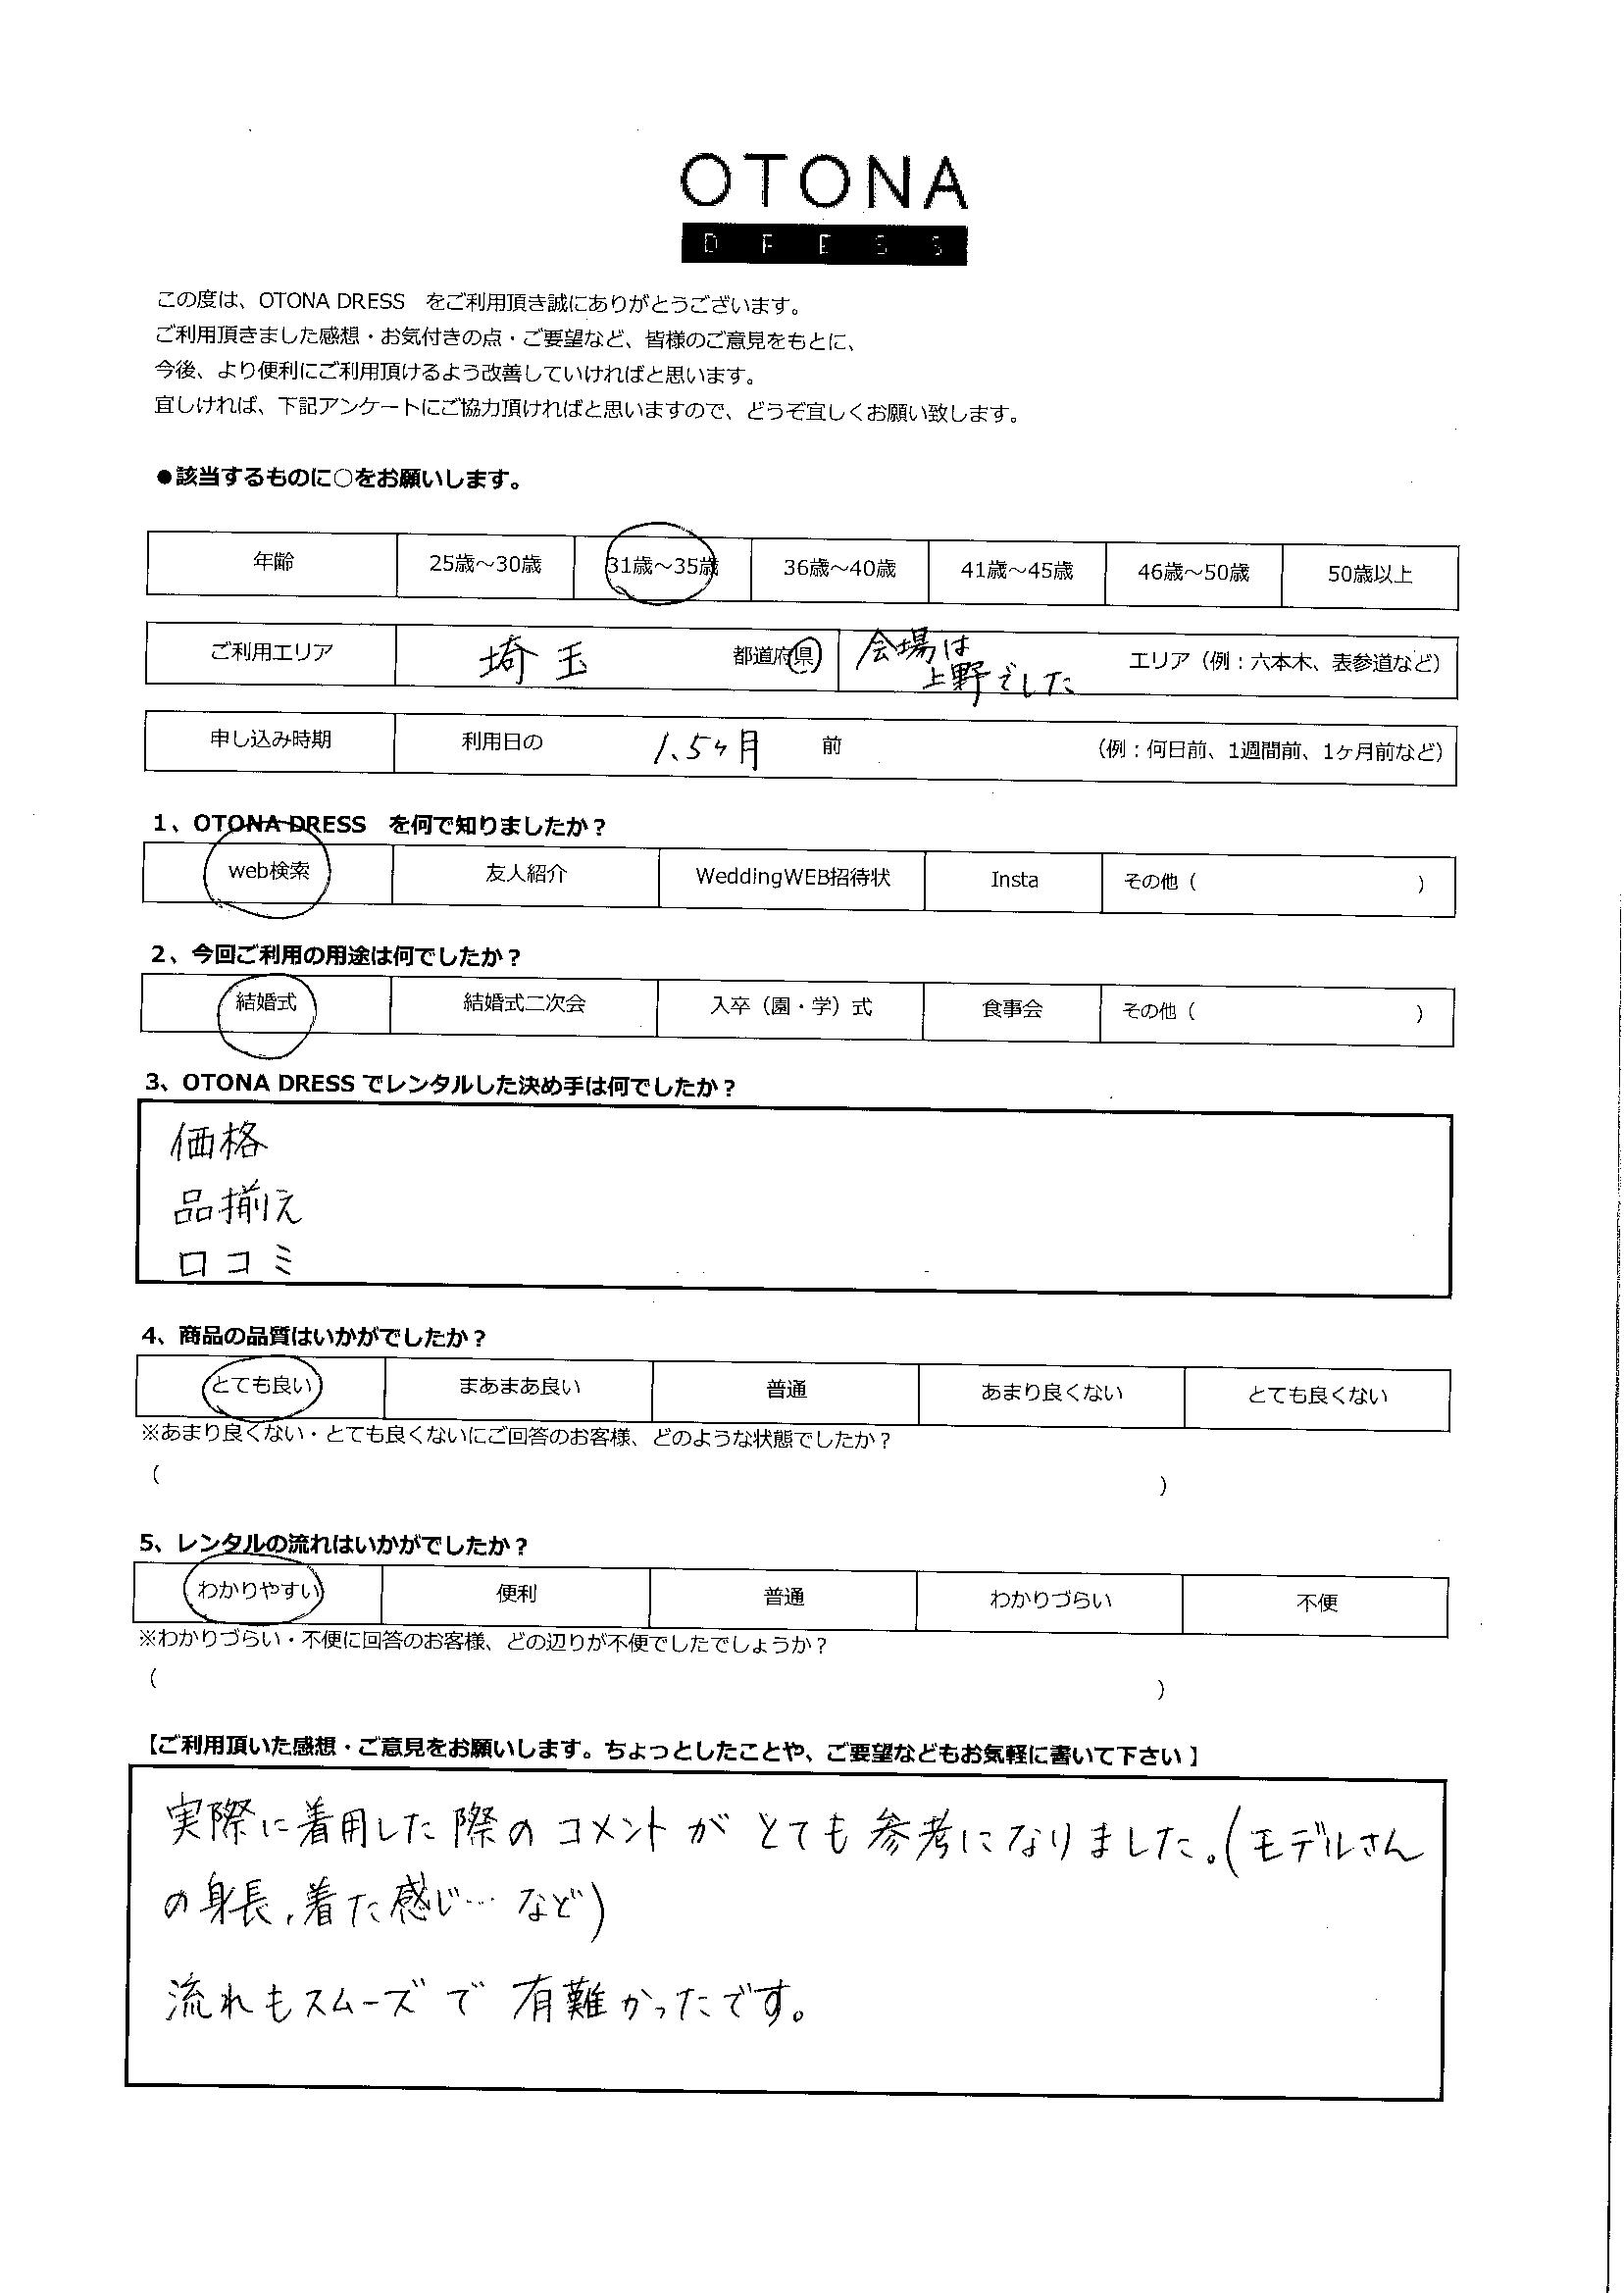 4/24結婚式ご利用 東京・上野エリア